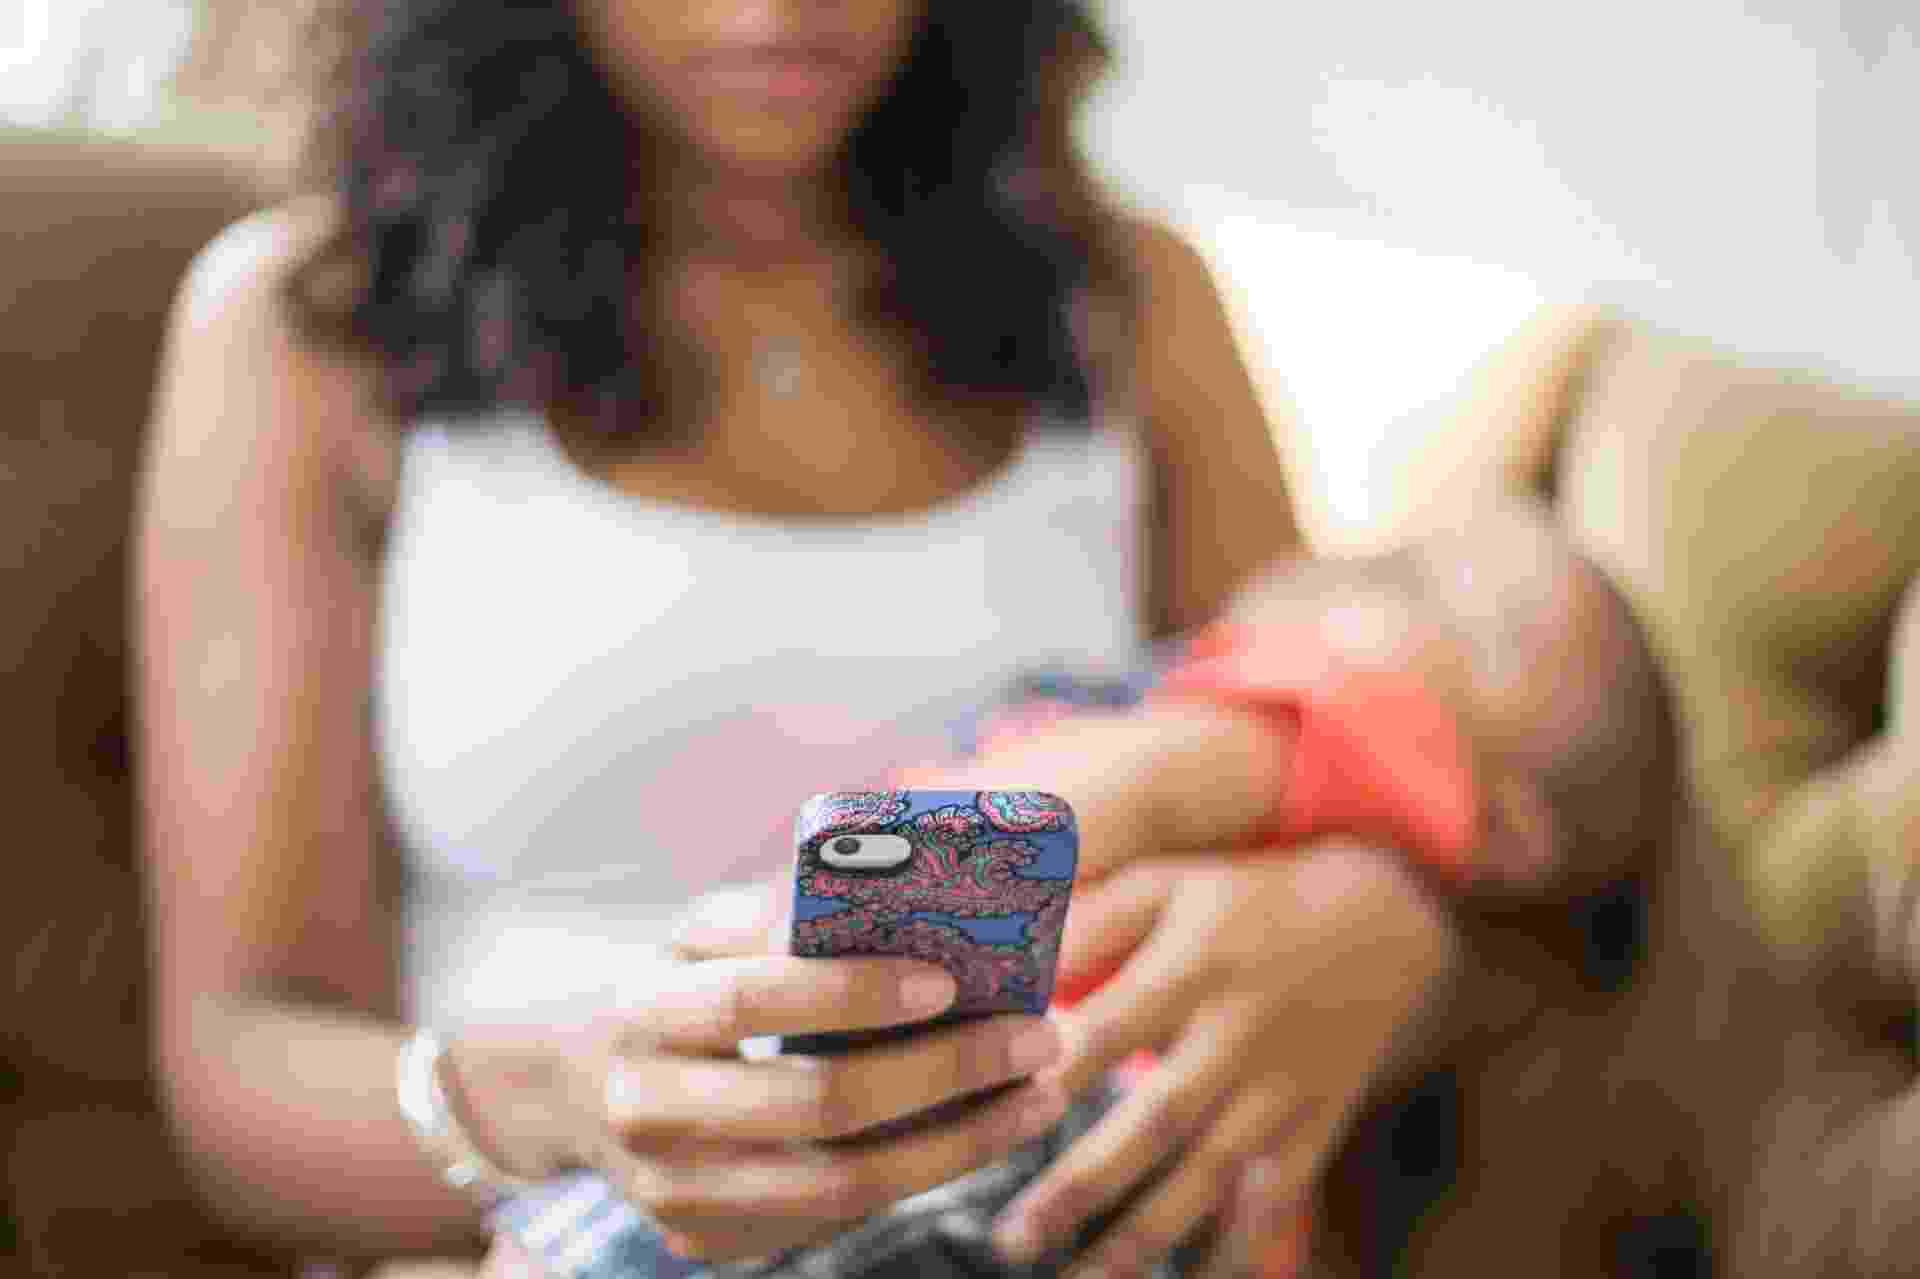 Com a facilidade de ter o celular sempre à mão, mães e pais podem contar com a conveniência de ferramentas que ajudam a organizar a rotina com bebês e crianças - Getty Images